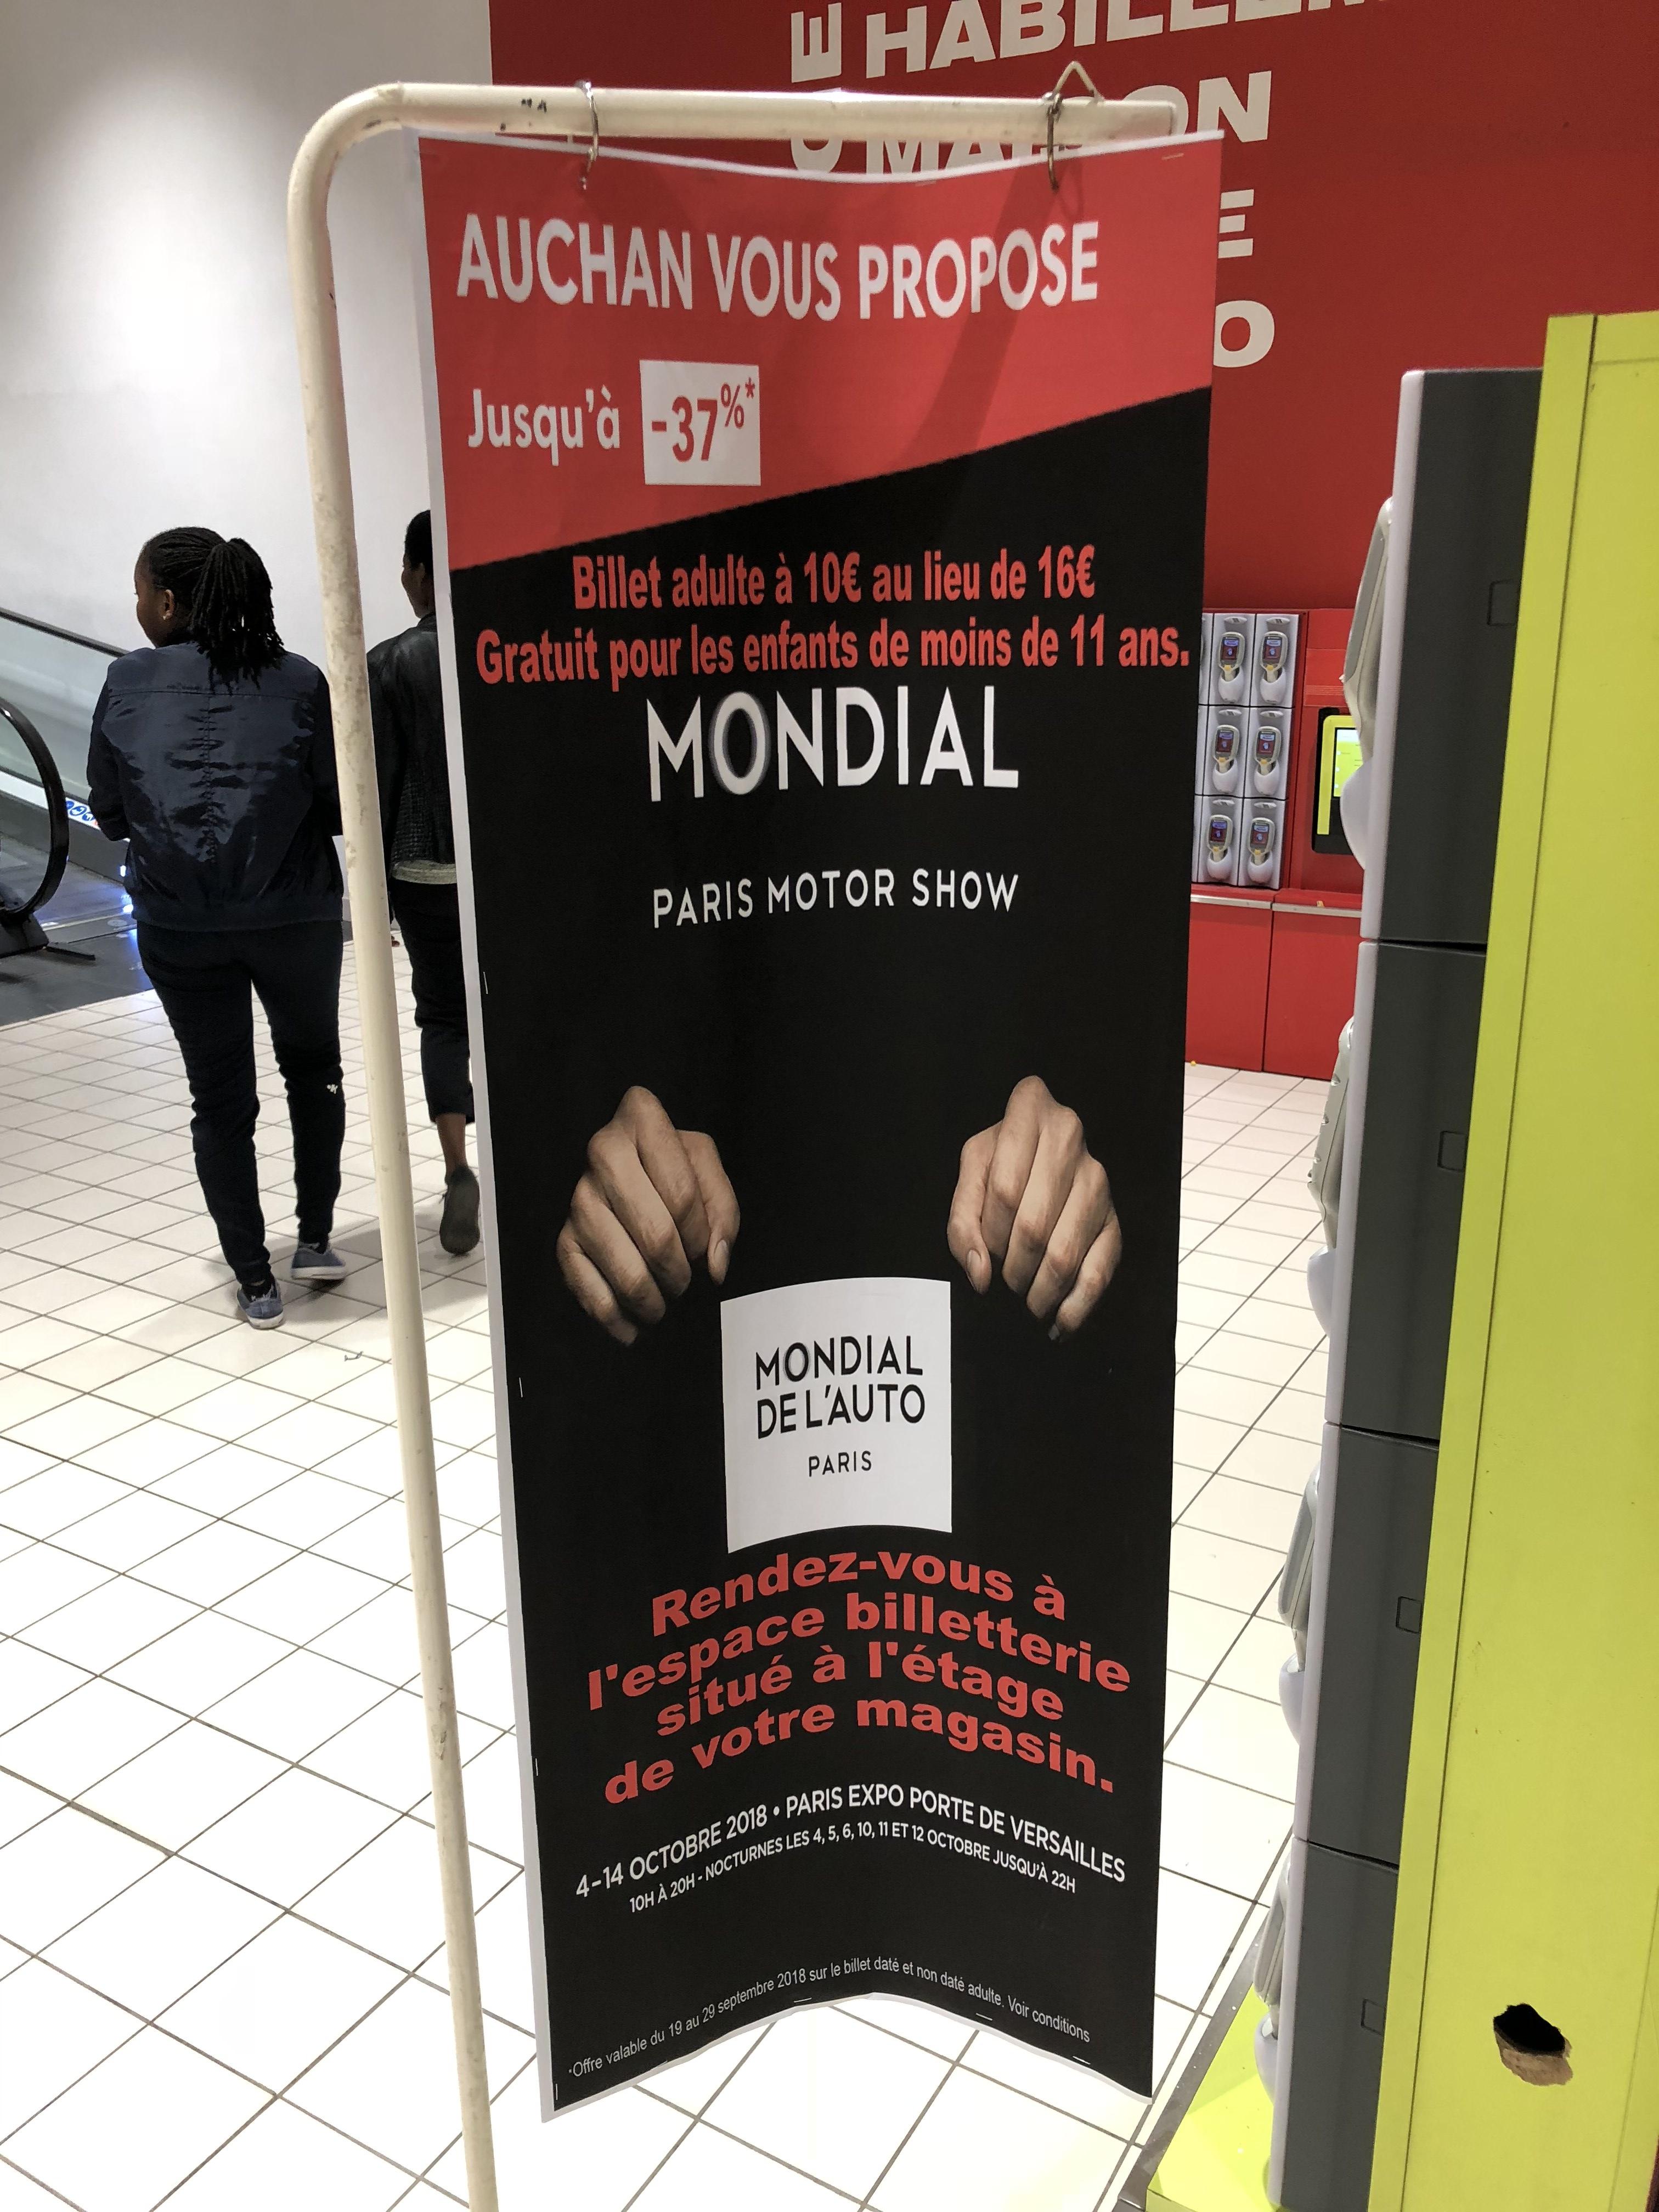 Billet Adulte pour le salon Mondial Paris Motor Show (Mondial de l'Auto) - du 4 au 14 octobre, à Paris Expo Porte de Versailles Paris 15ème)